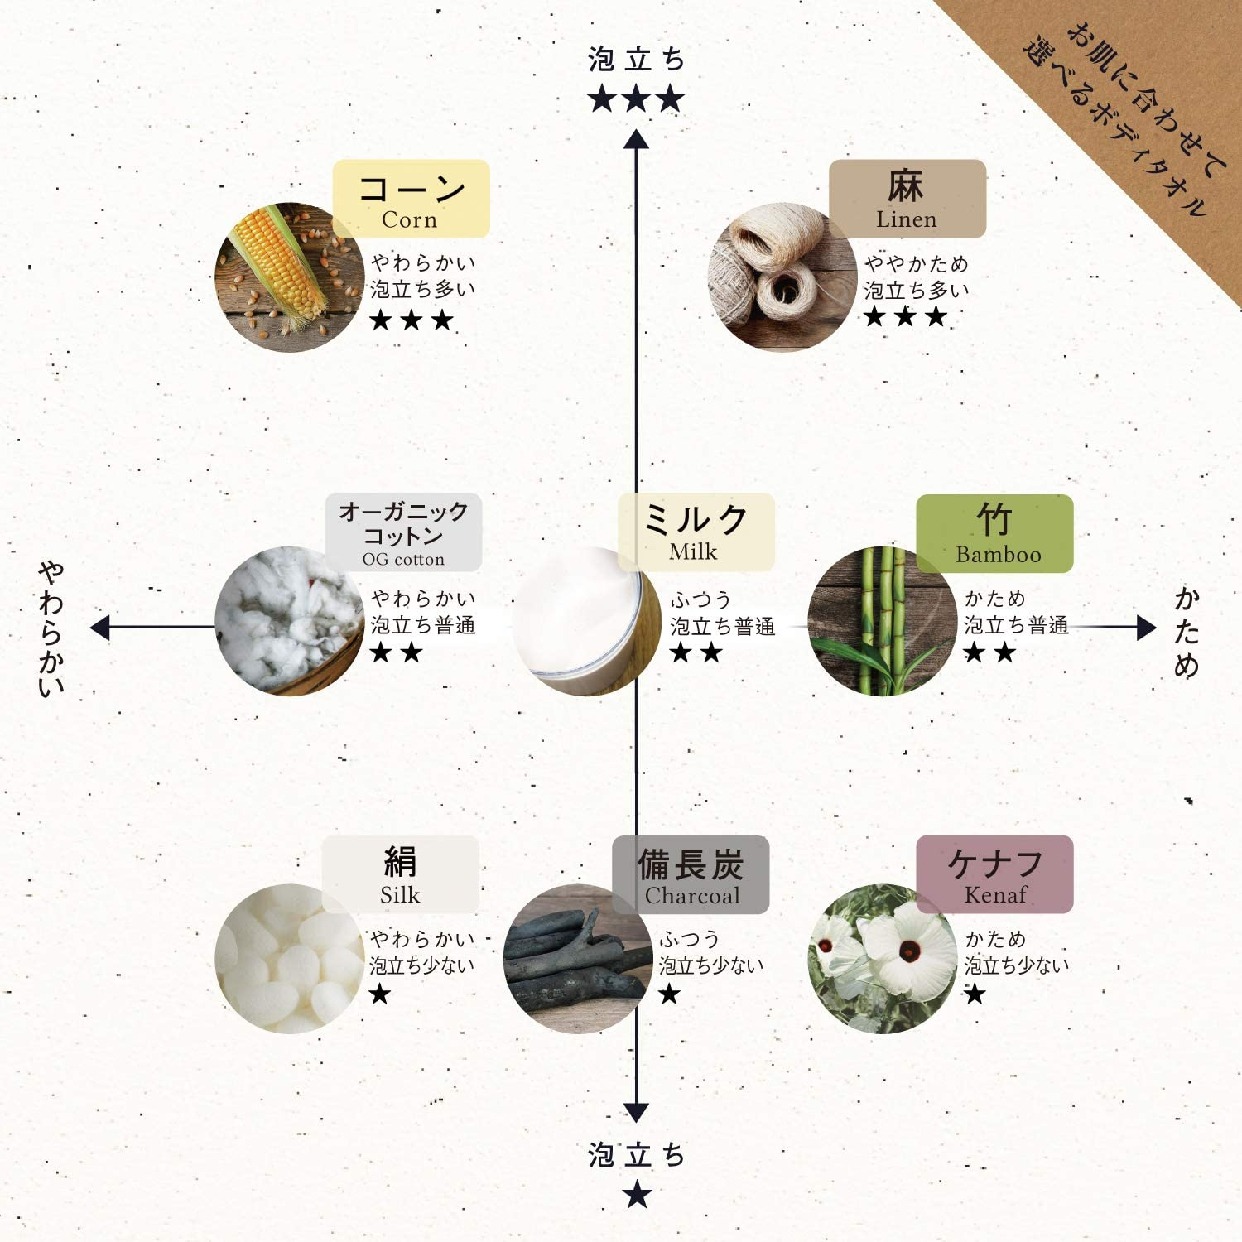 藤栄(FUJIEI) ボディタオル ナチュラル ブレス オーガニックコットン BL-403の商品画像7